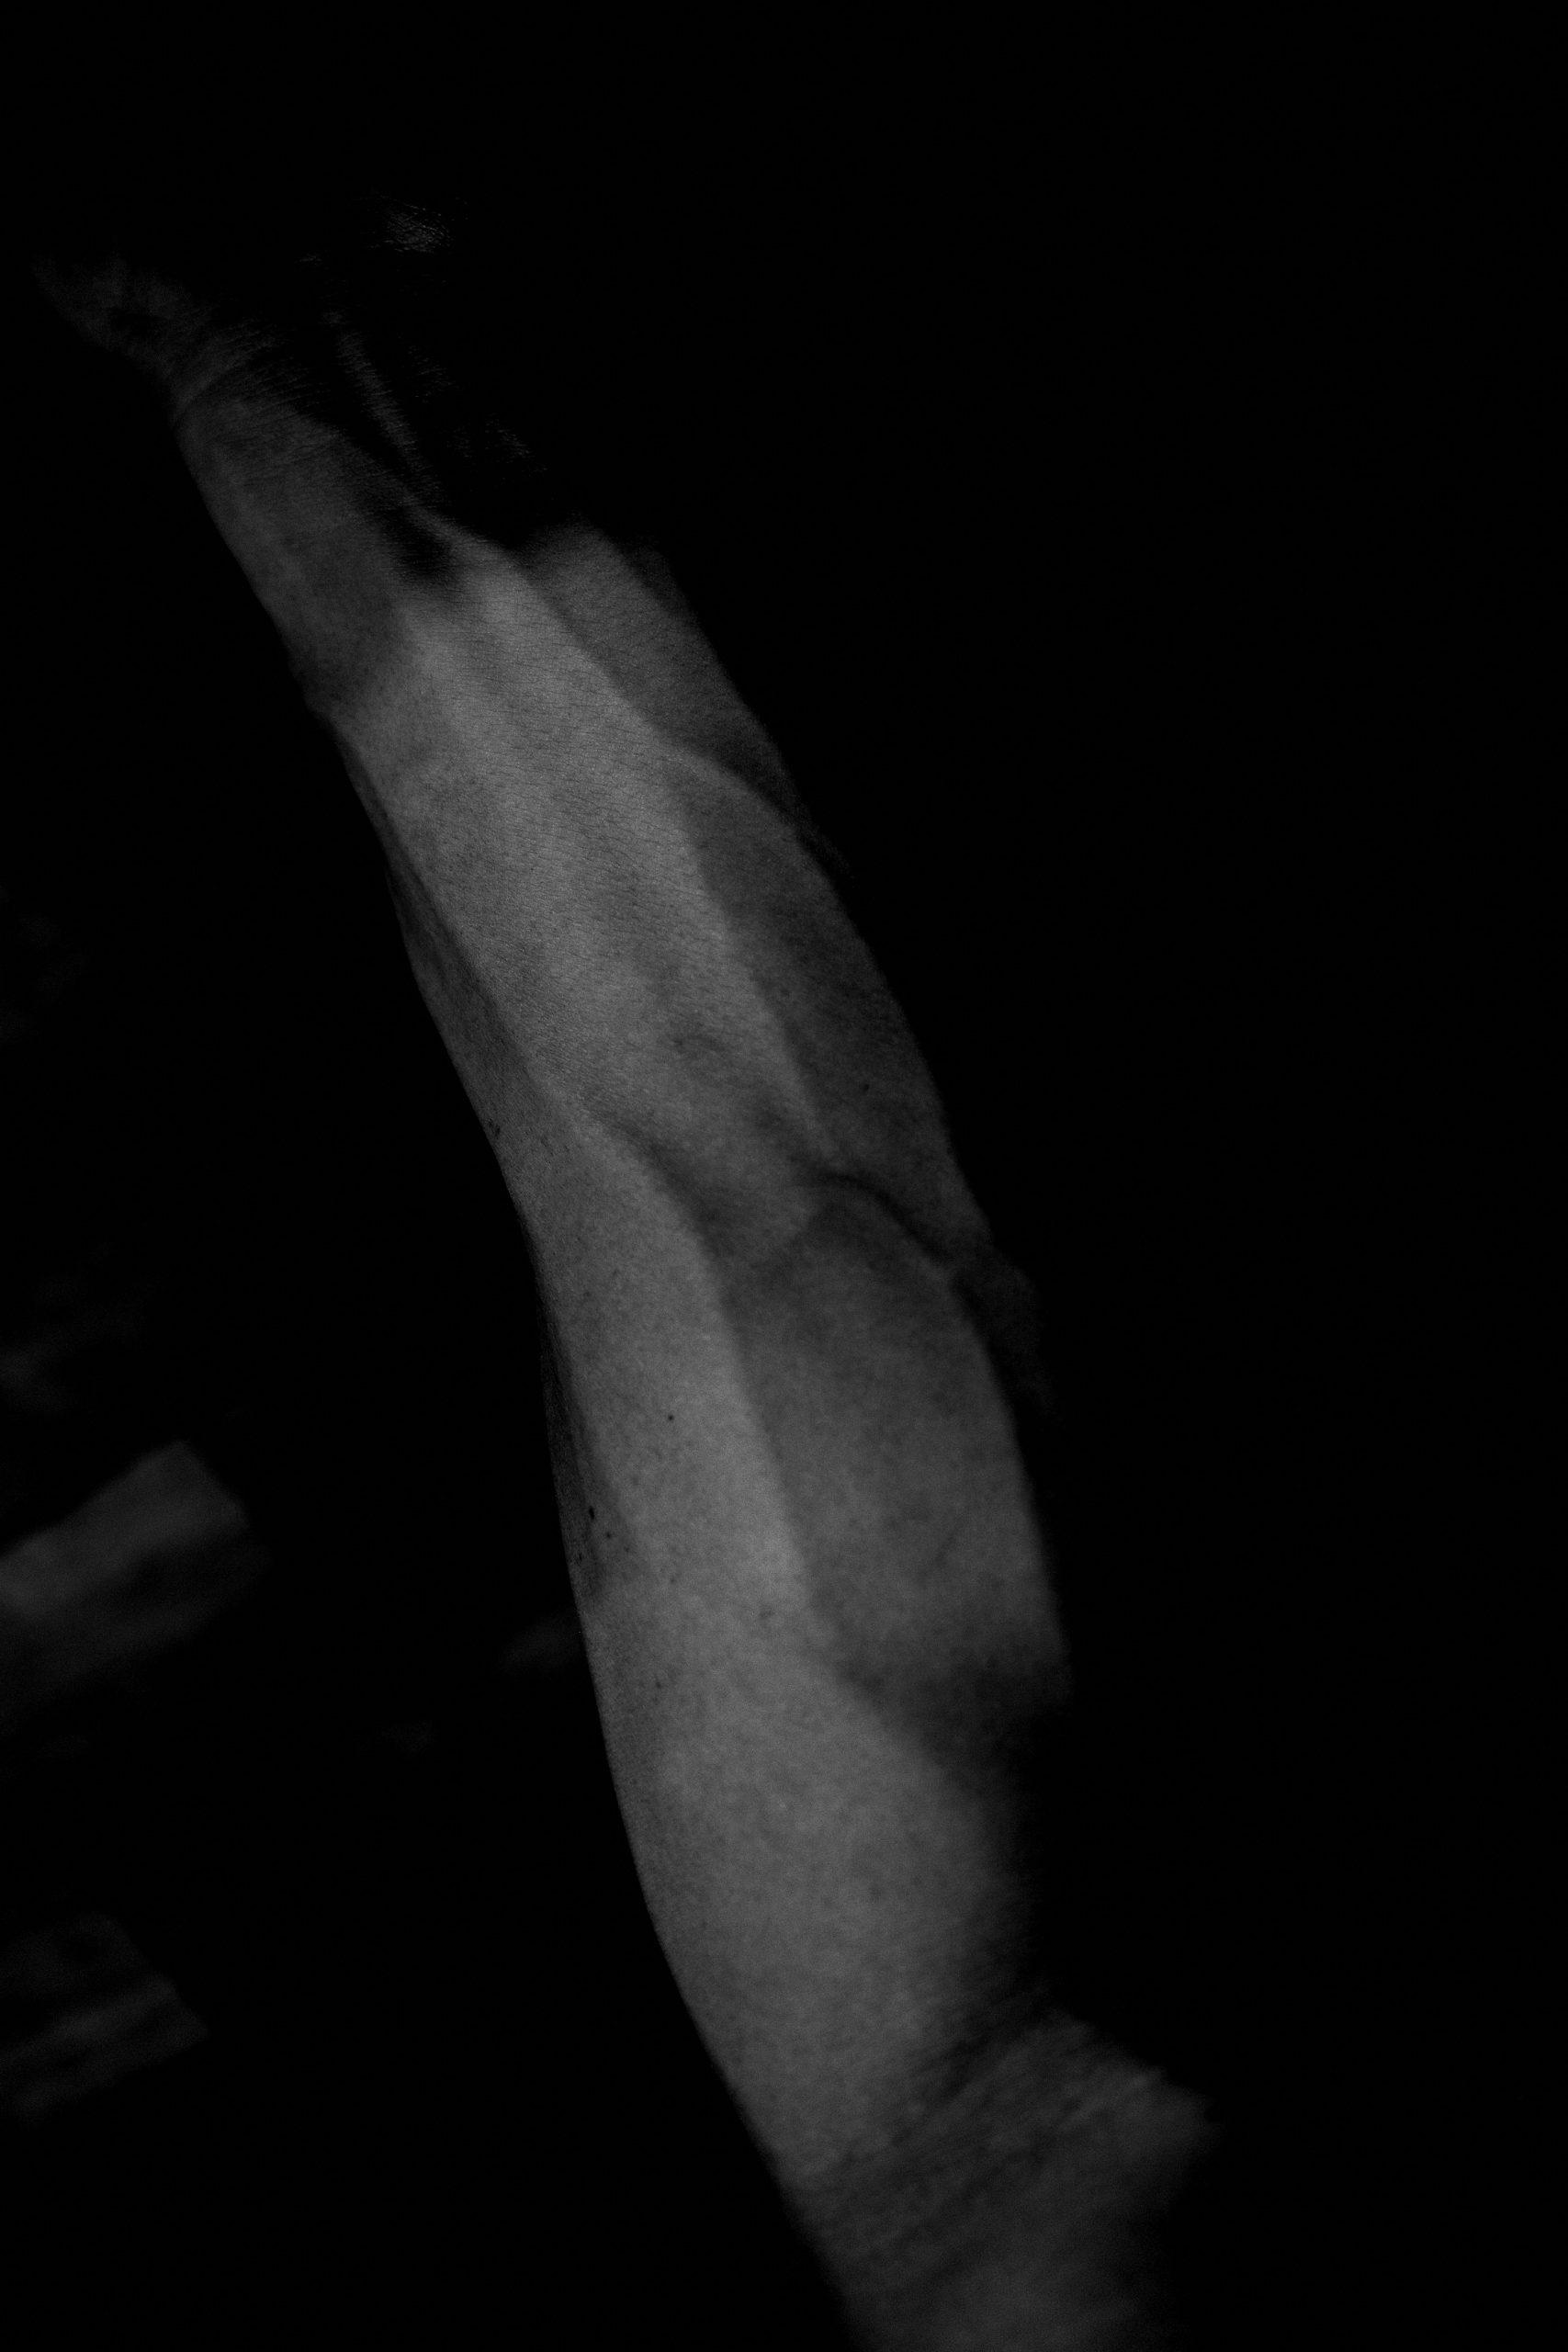 ERIC KIM arm vein